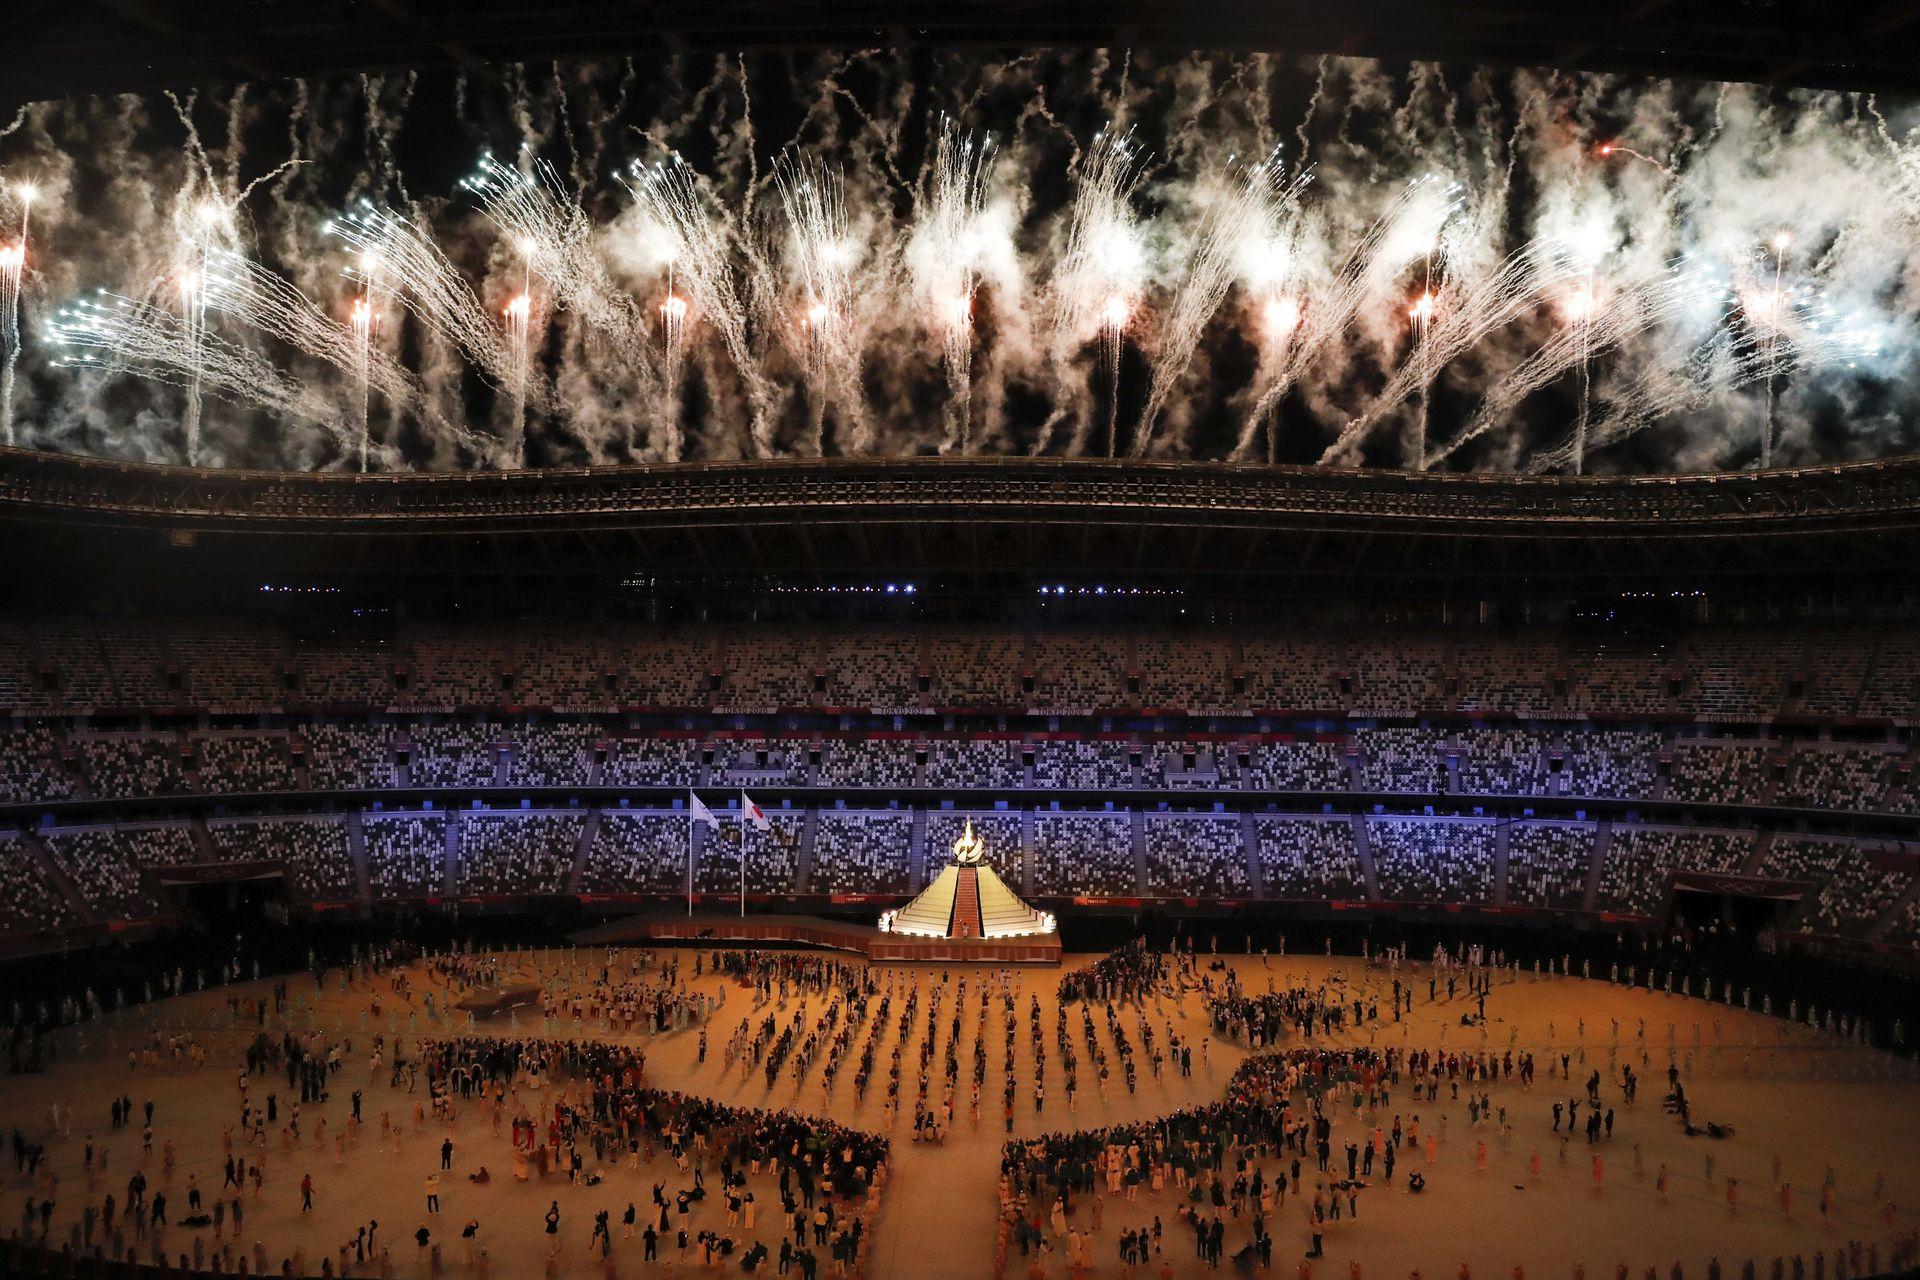 Ceremonia de apertura de los juegos Olímpicos Tokio 2020